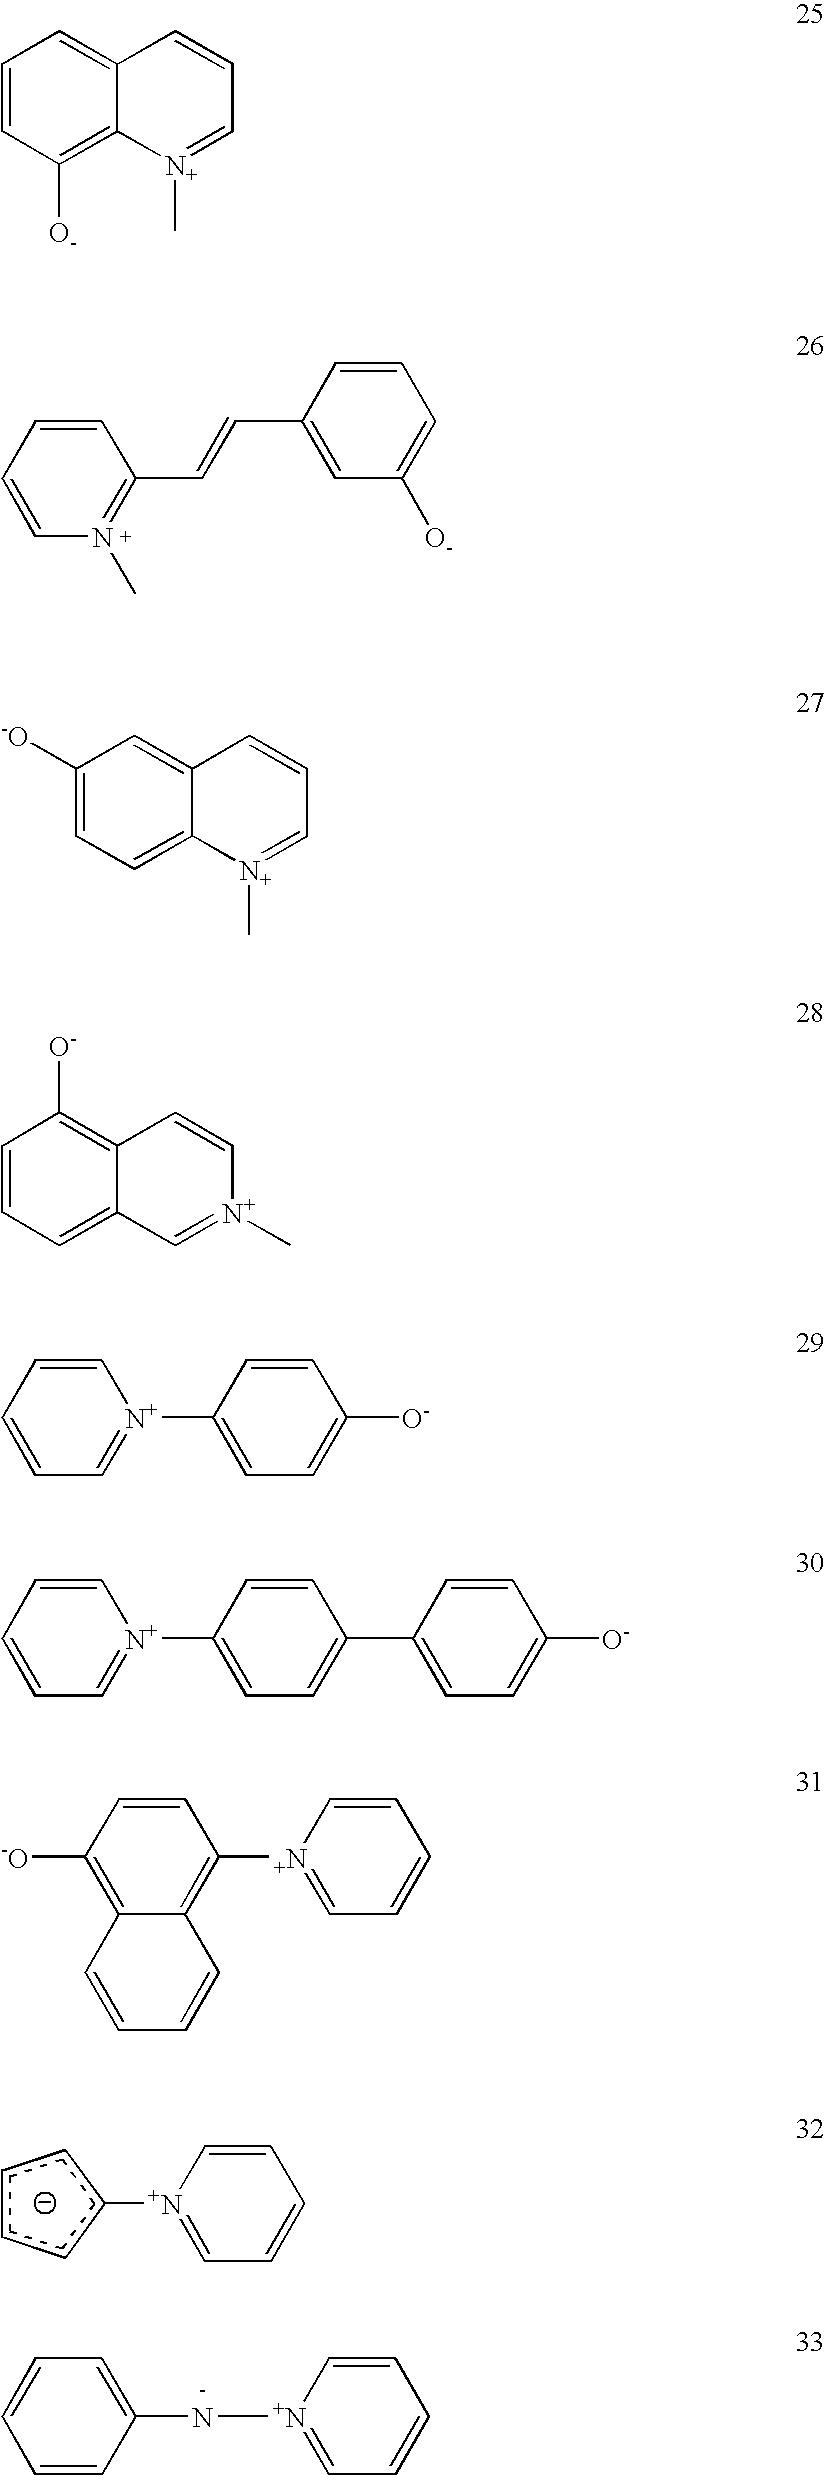 Figure US20080057533A1-20080306-C00016